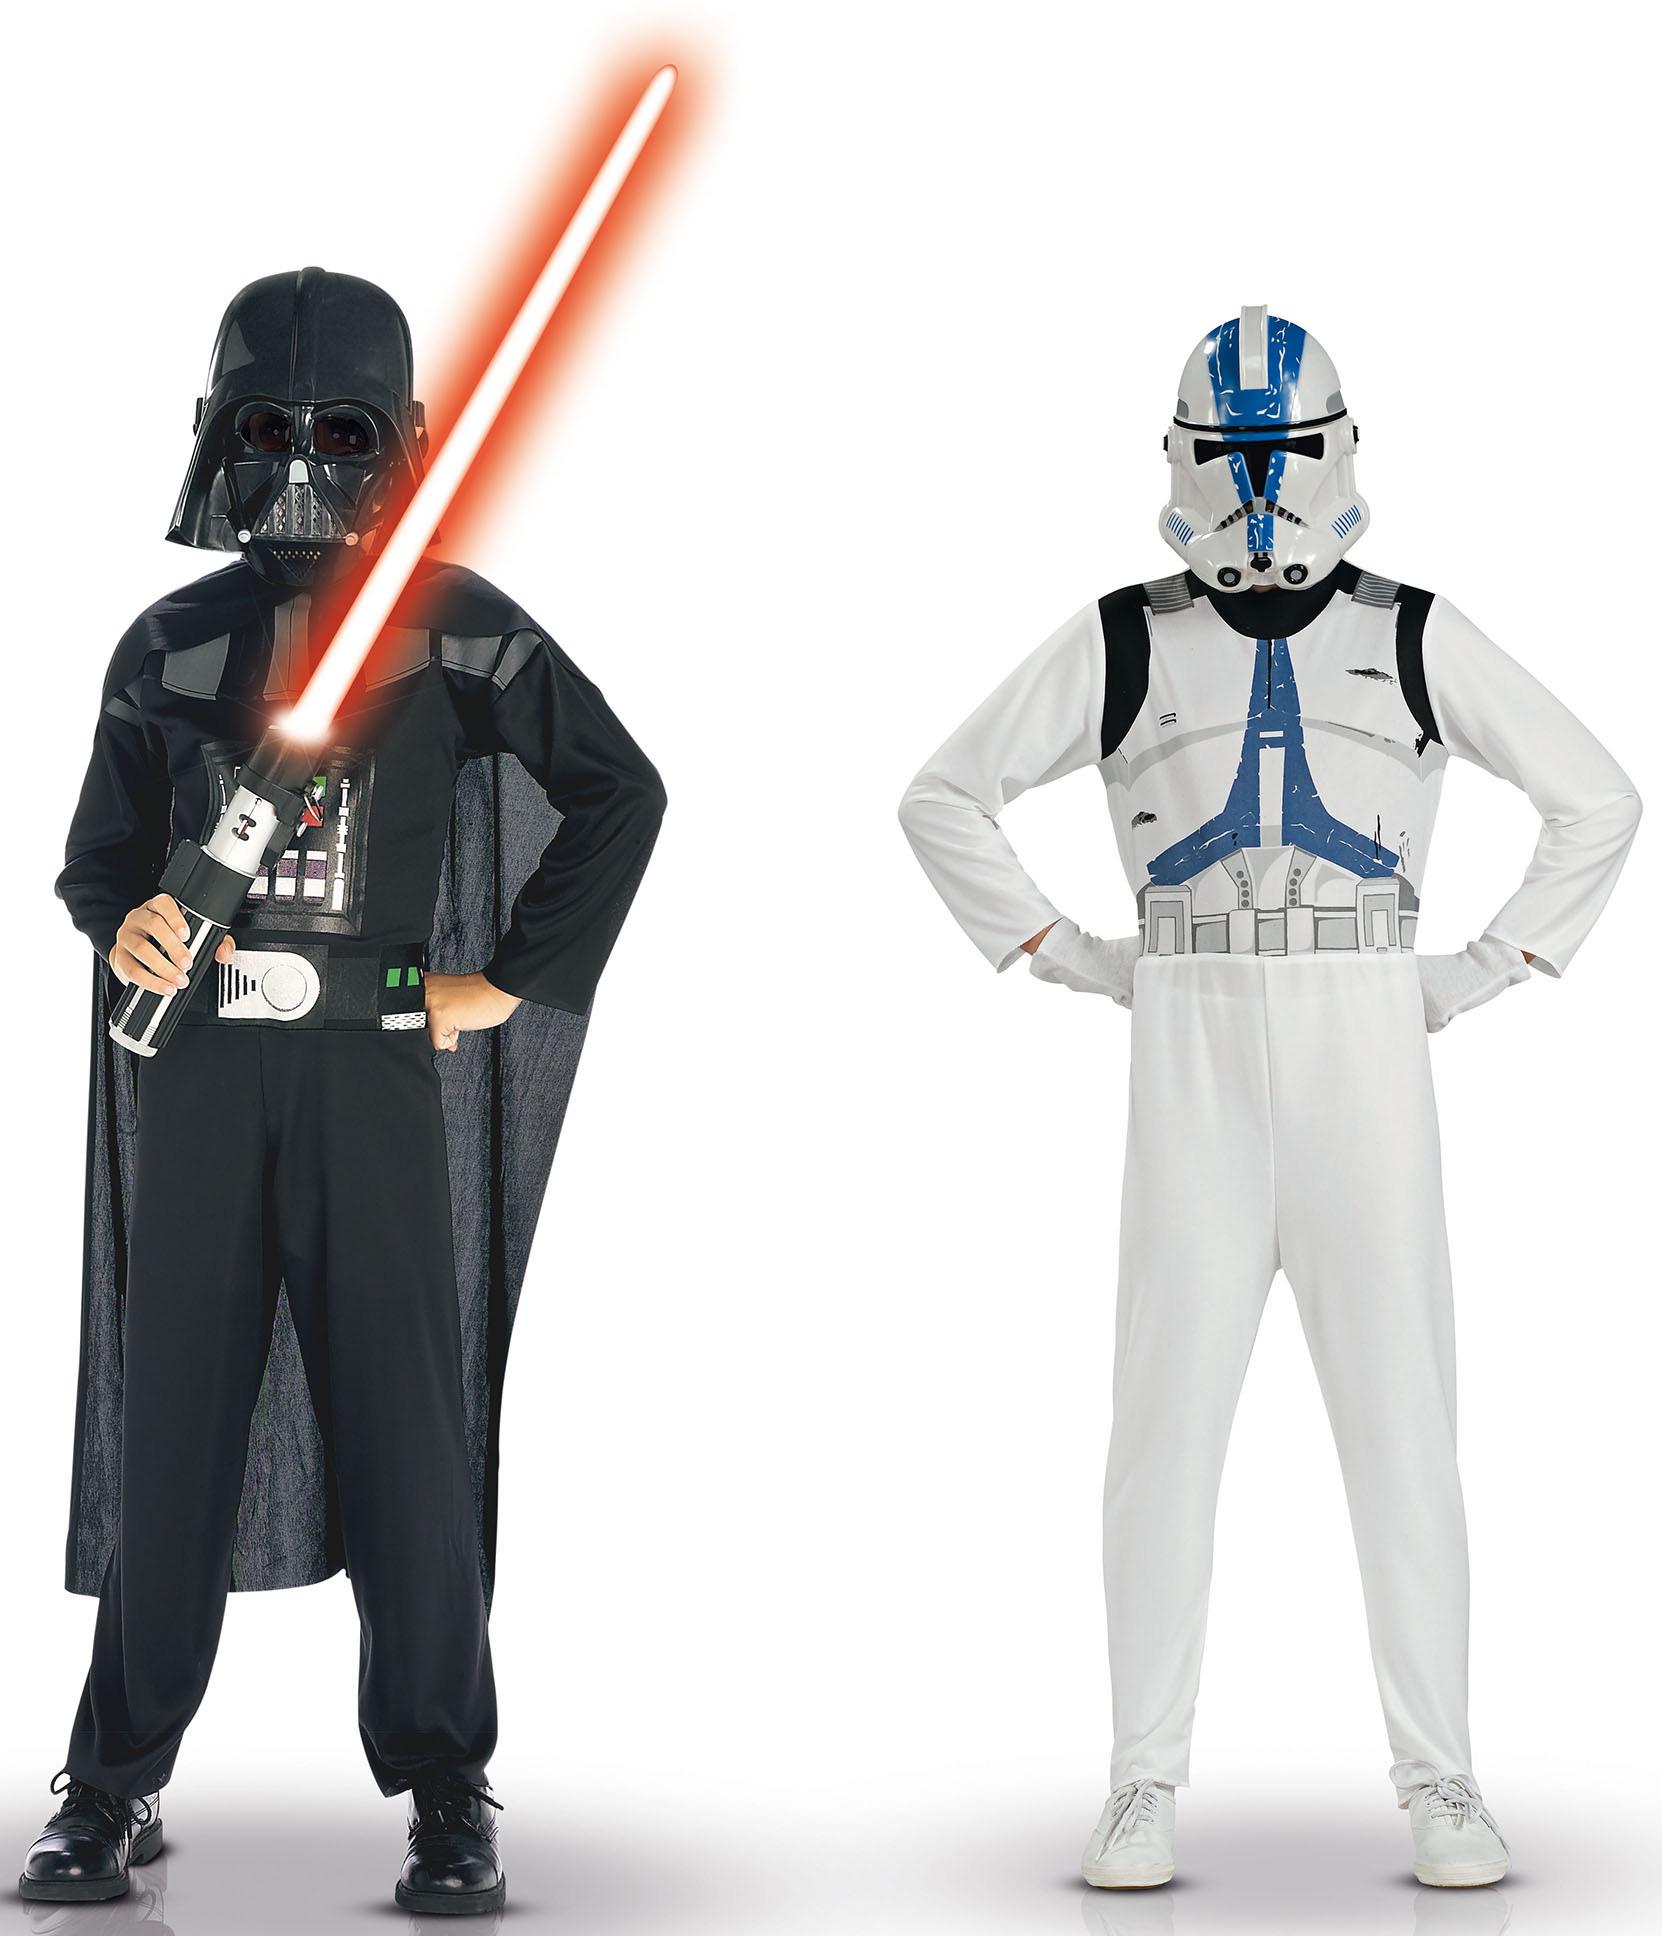 Fynda nätets snyggaste Star Wars dräkter från ledaren inom maskerad ... 1d6d4141aaa6e